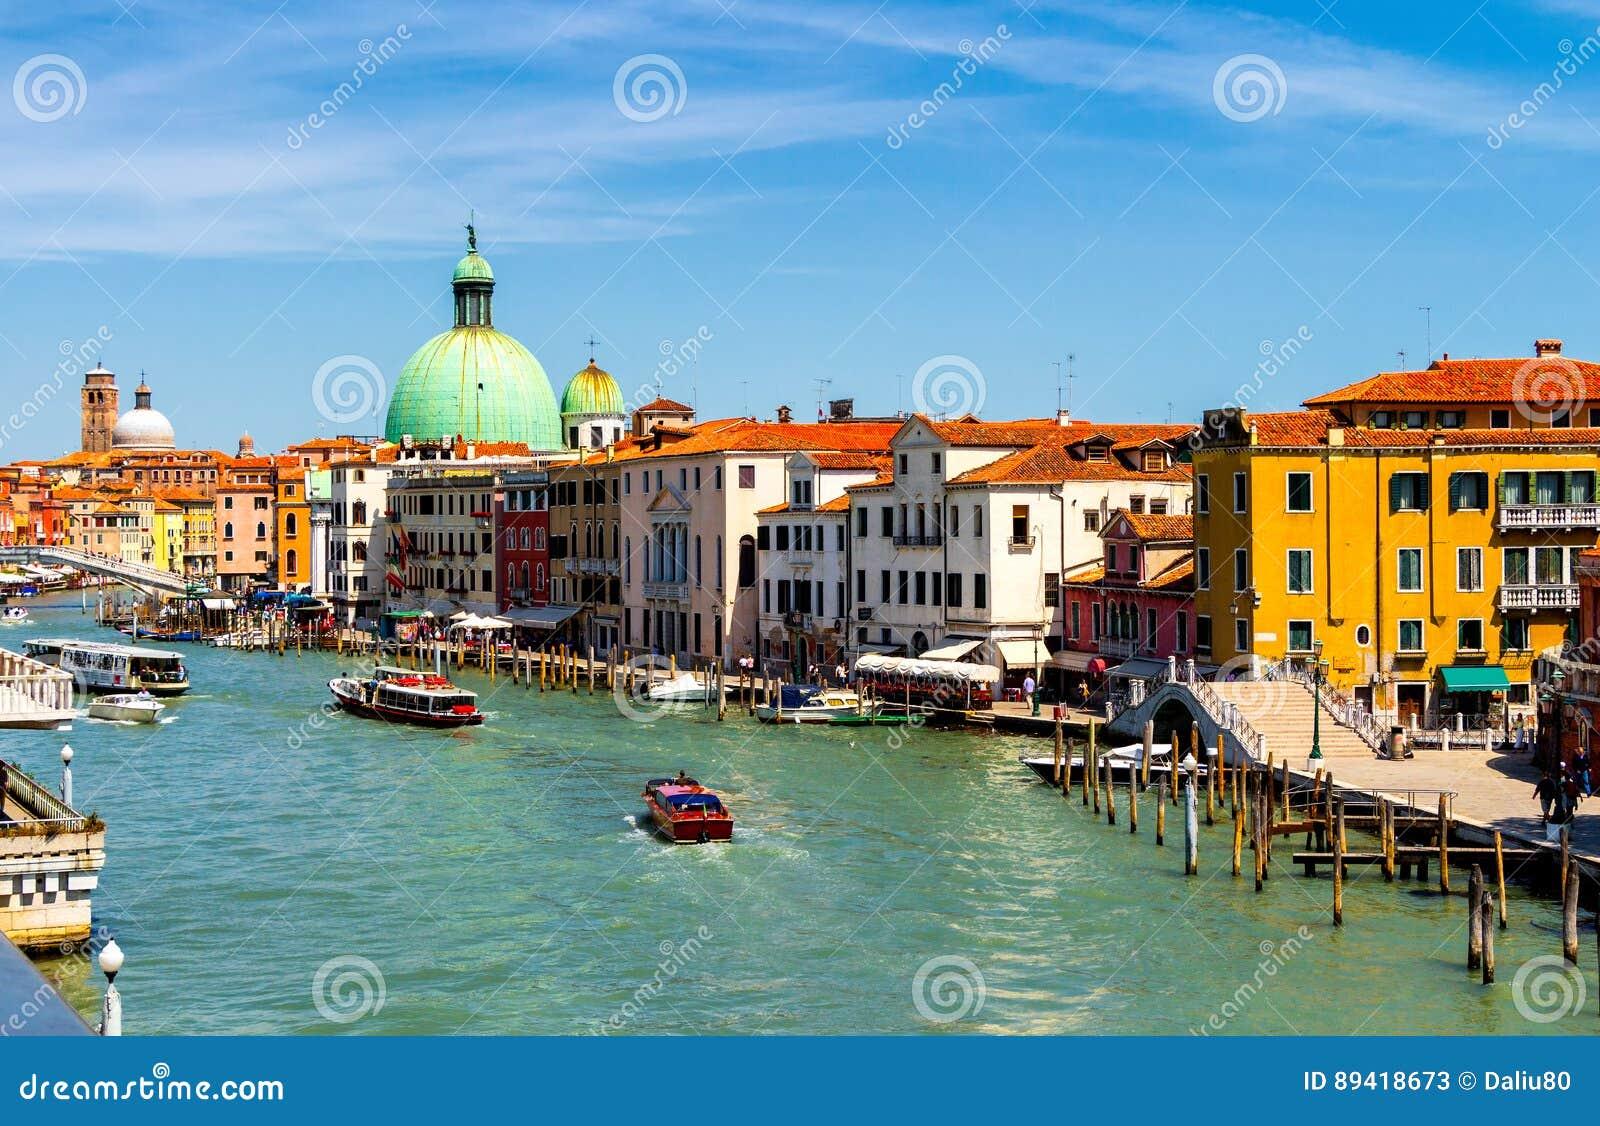 Άποψη του καναλιού με τις βάρκες και τις γόνδολες στη Βενετία, Ιταλία Veni